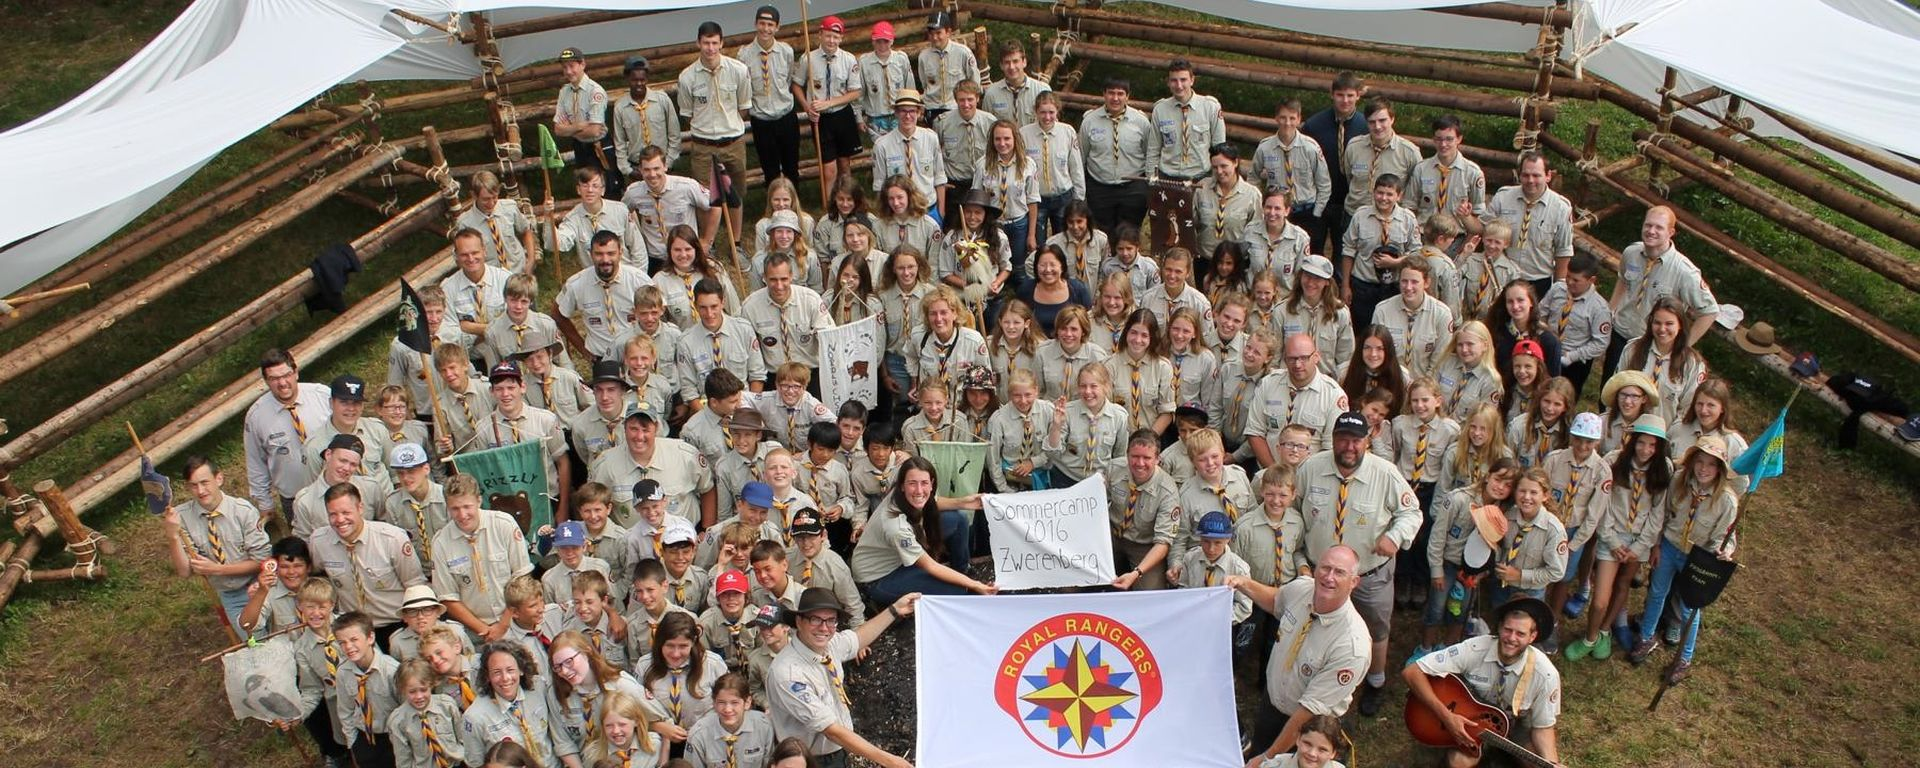 Sommercamp - ein Höhepunkt im Rangersjahr